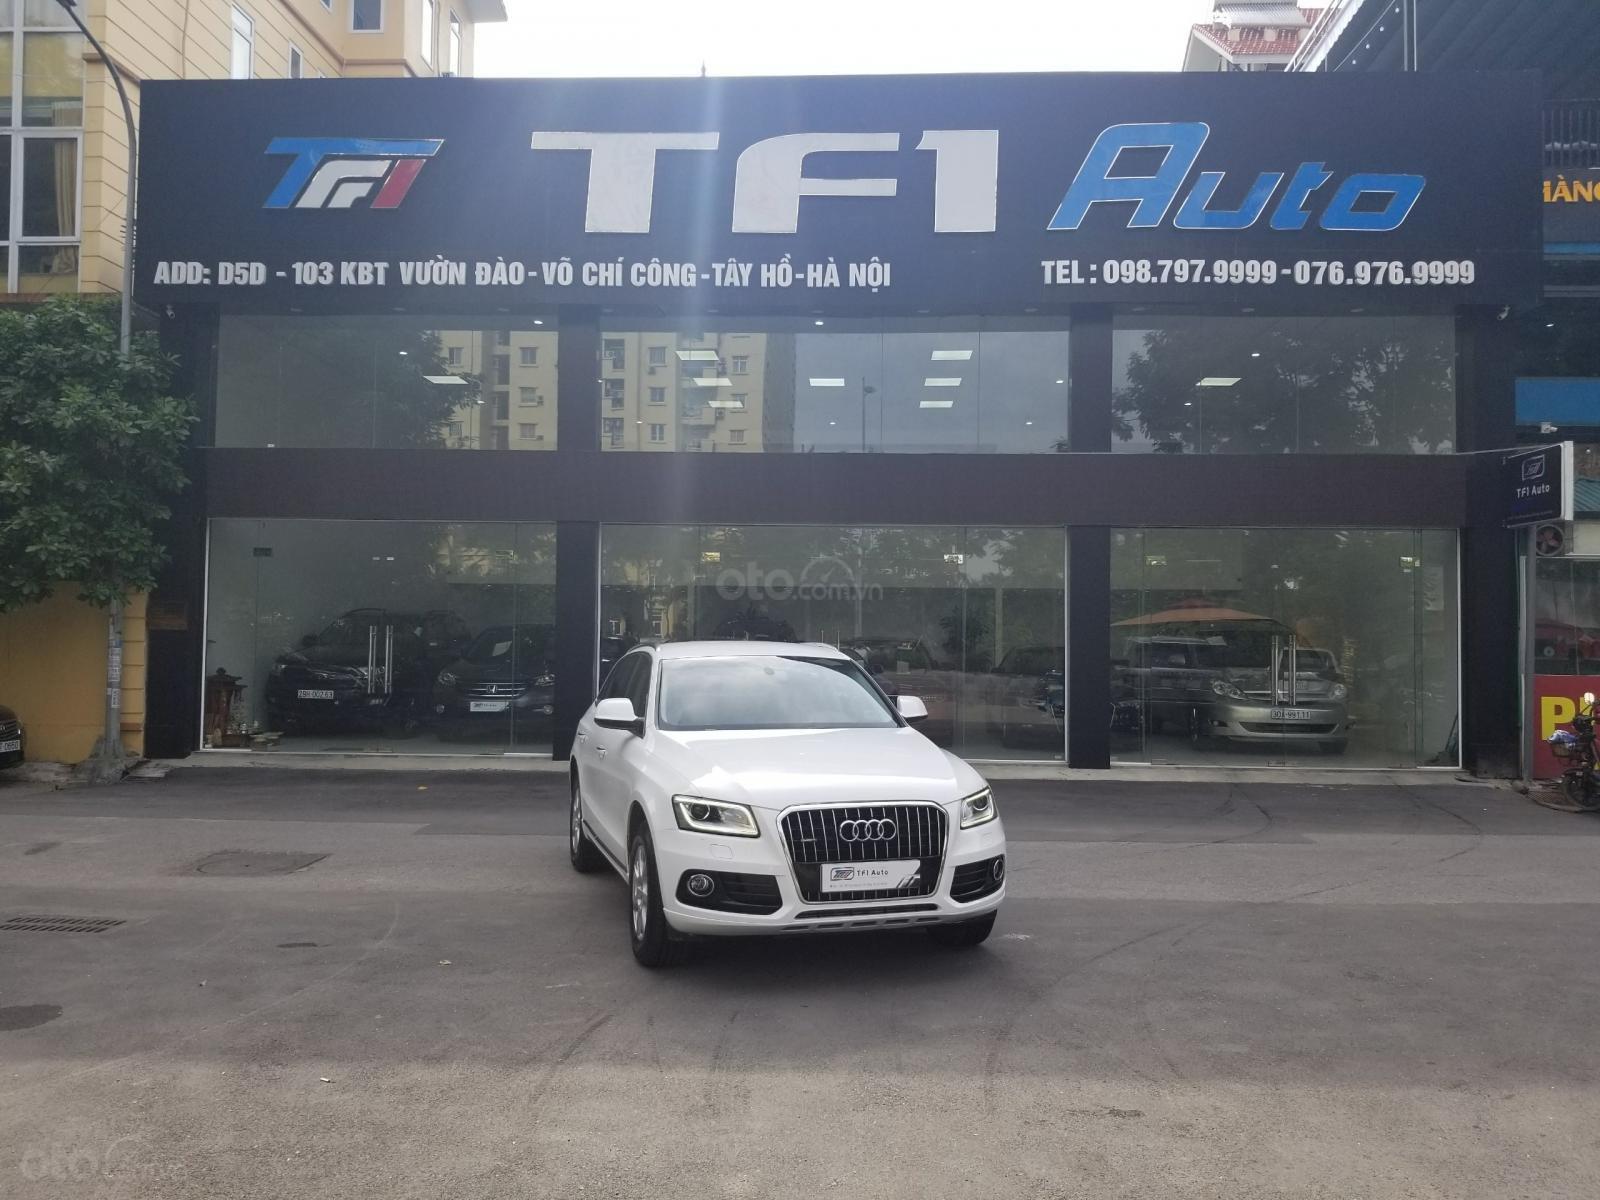 Bán Audi Q5 2.0 TFSI Quattro, sản xuất 2016, đăng ký 2017, màu trắng (1)